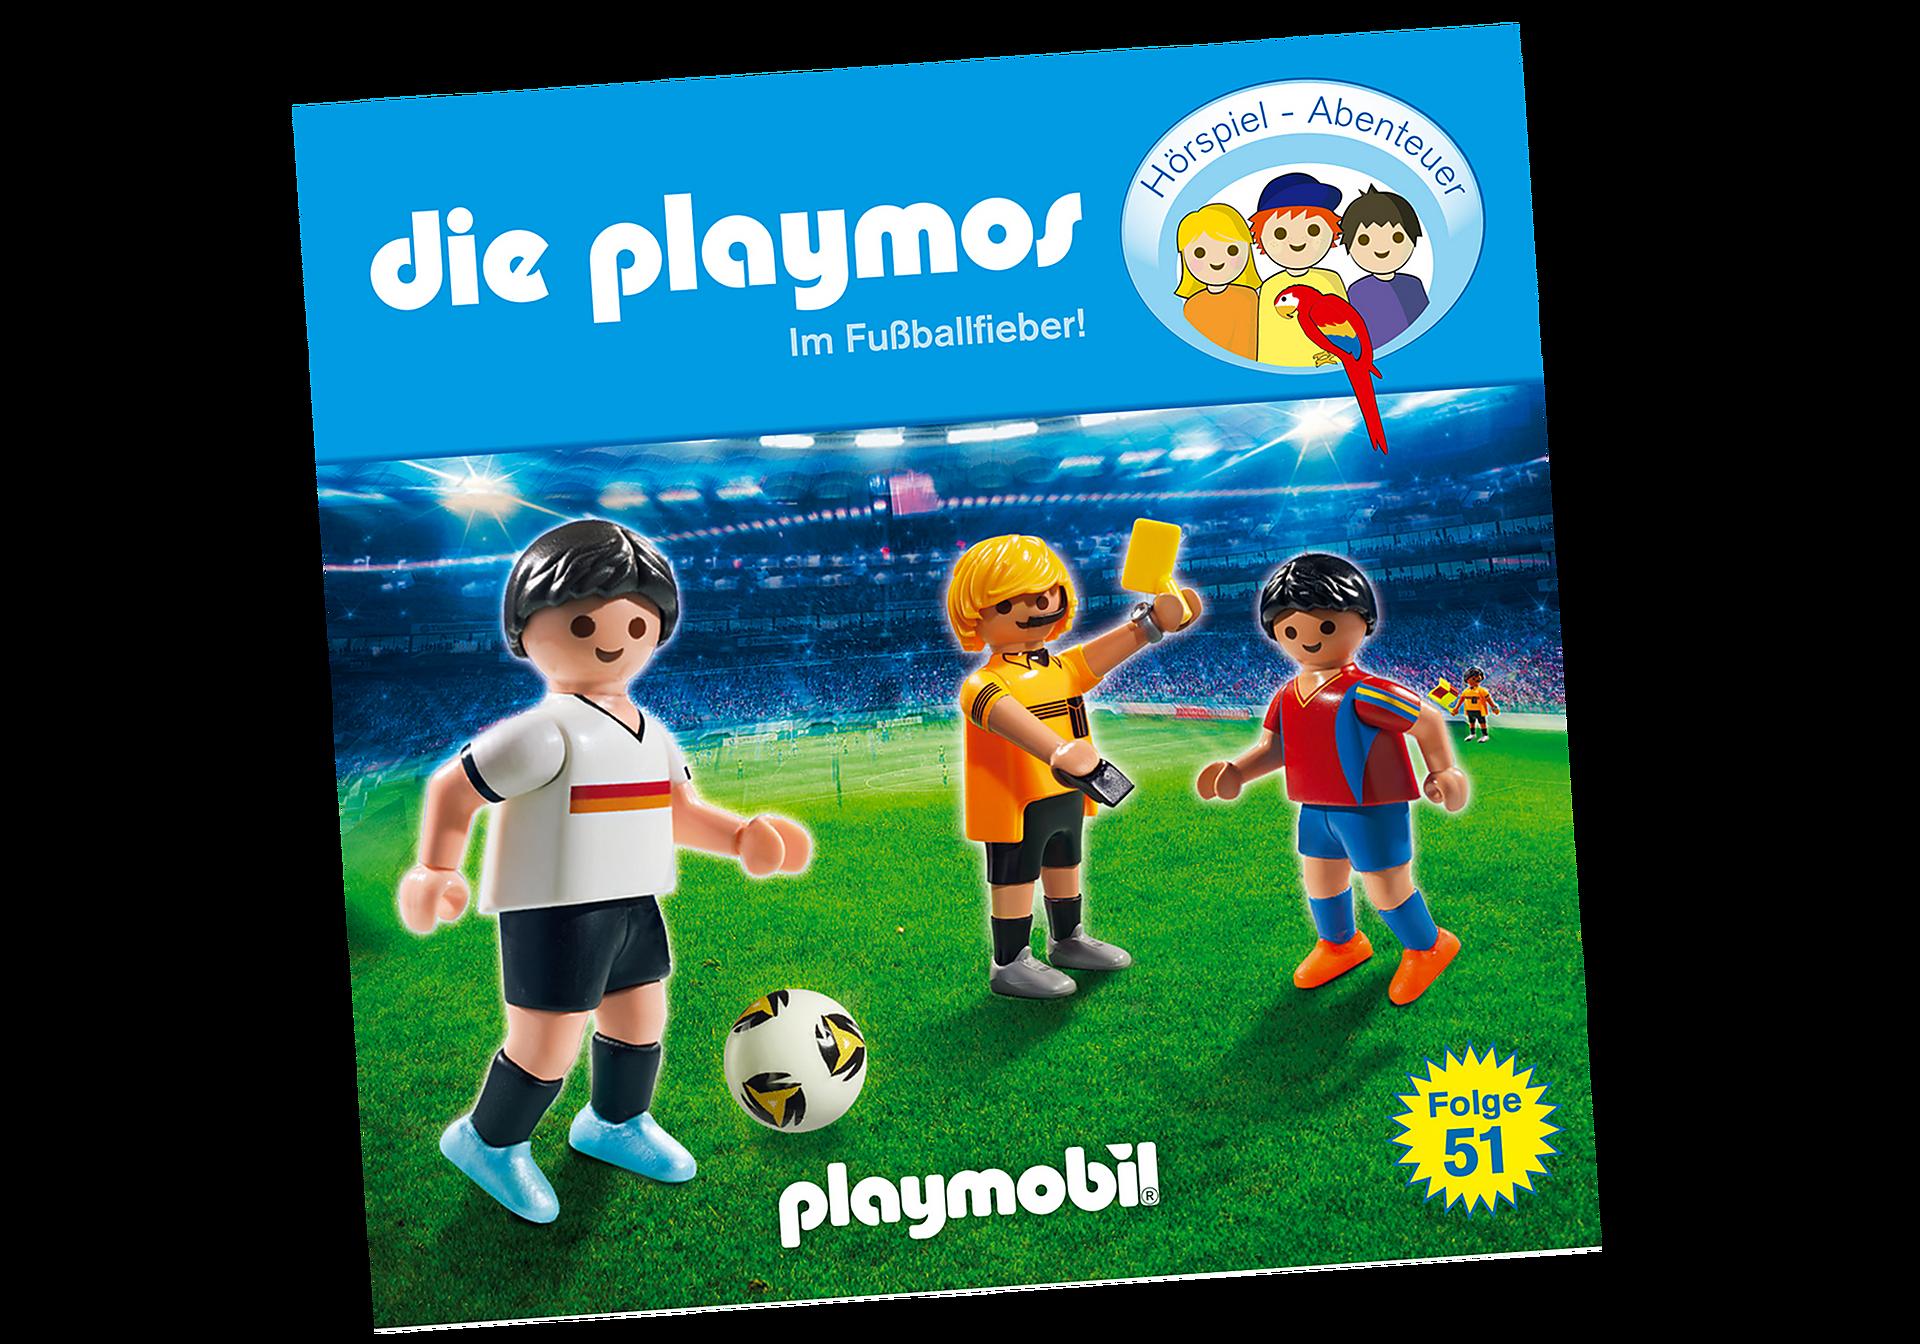 80258 Im Fußballfieber! - Folge 51 zoom image1